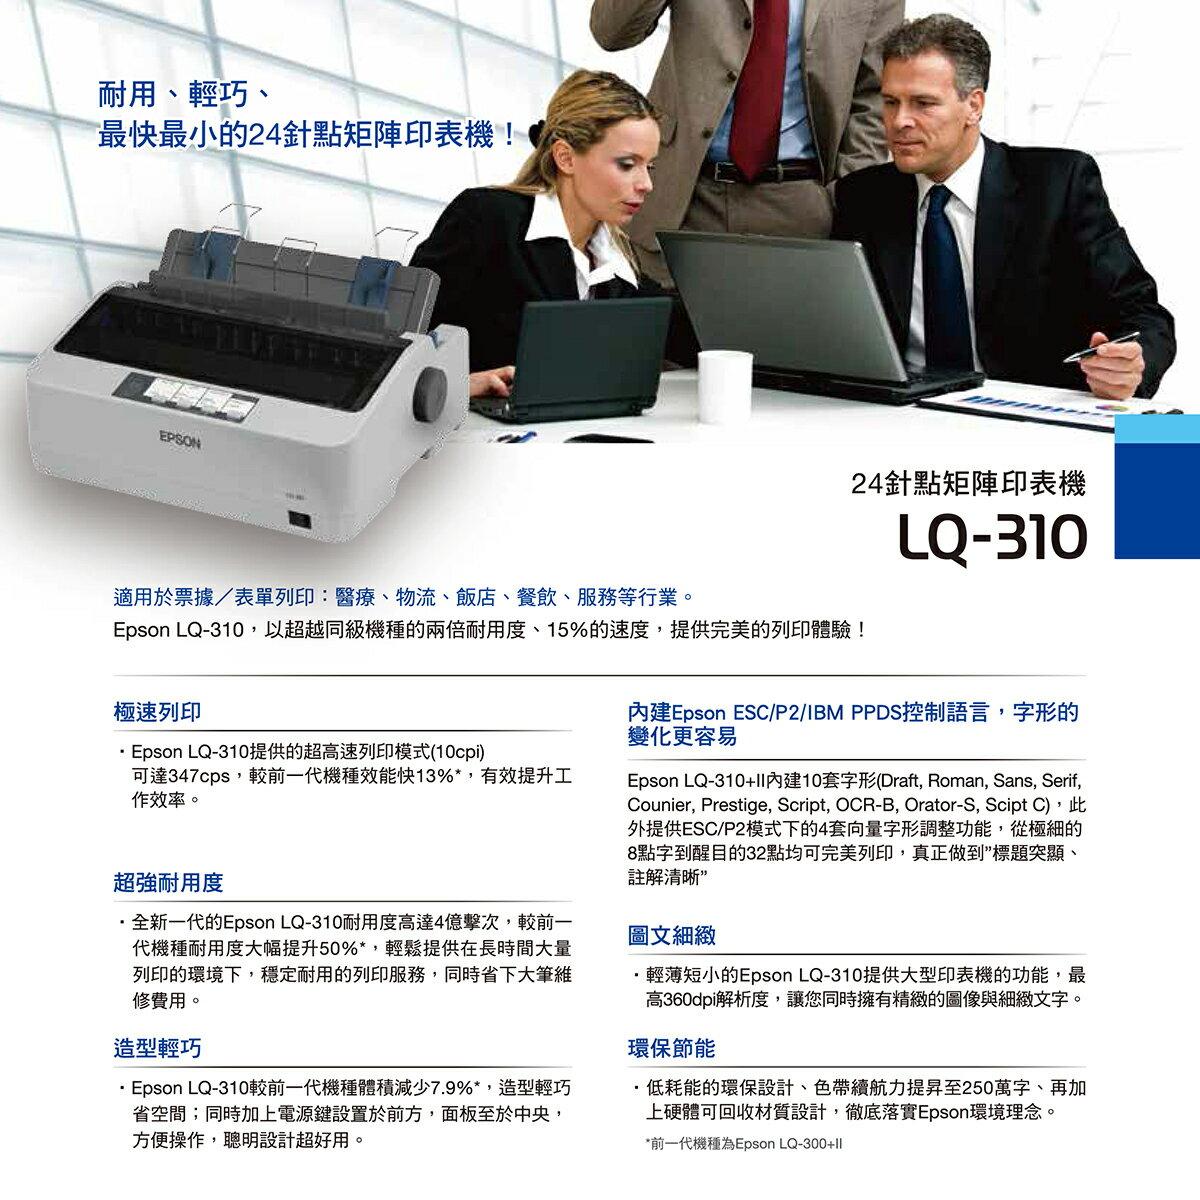 愛普生 Epson LQ-310 24針點矩陣印表機 極速列印